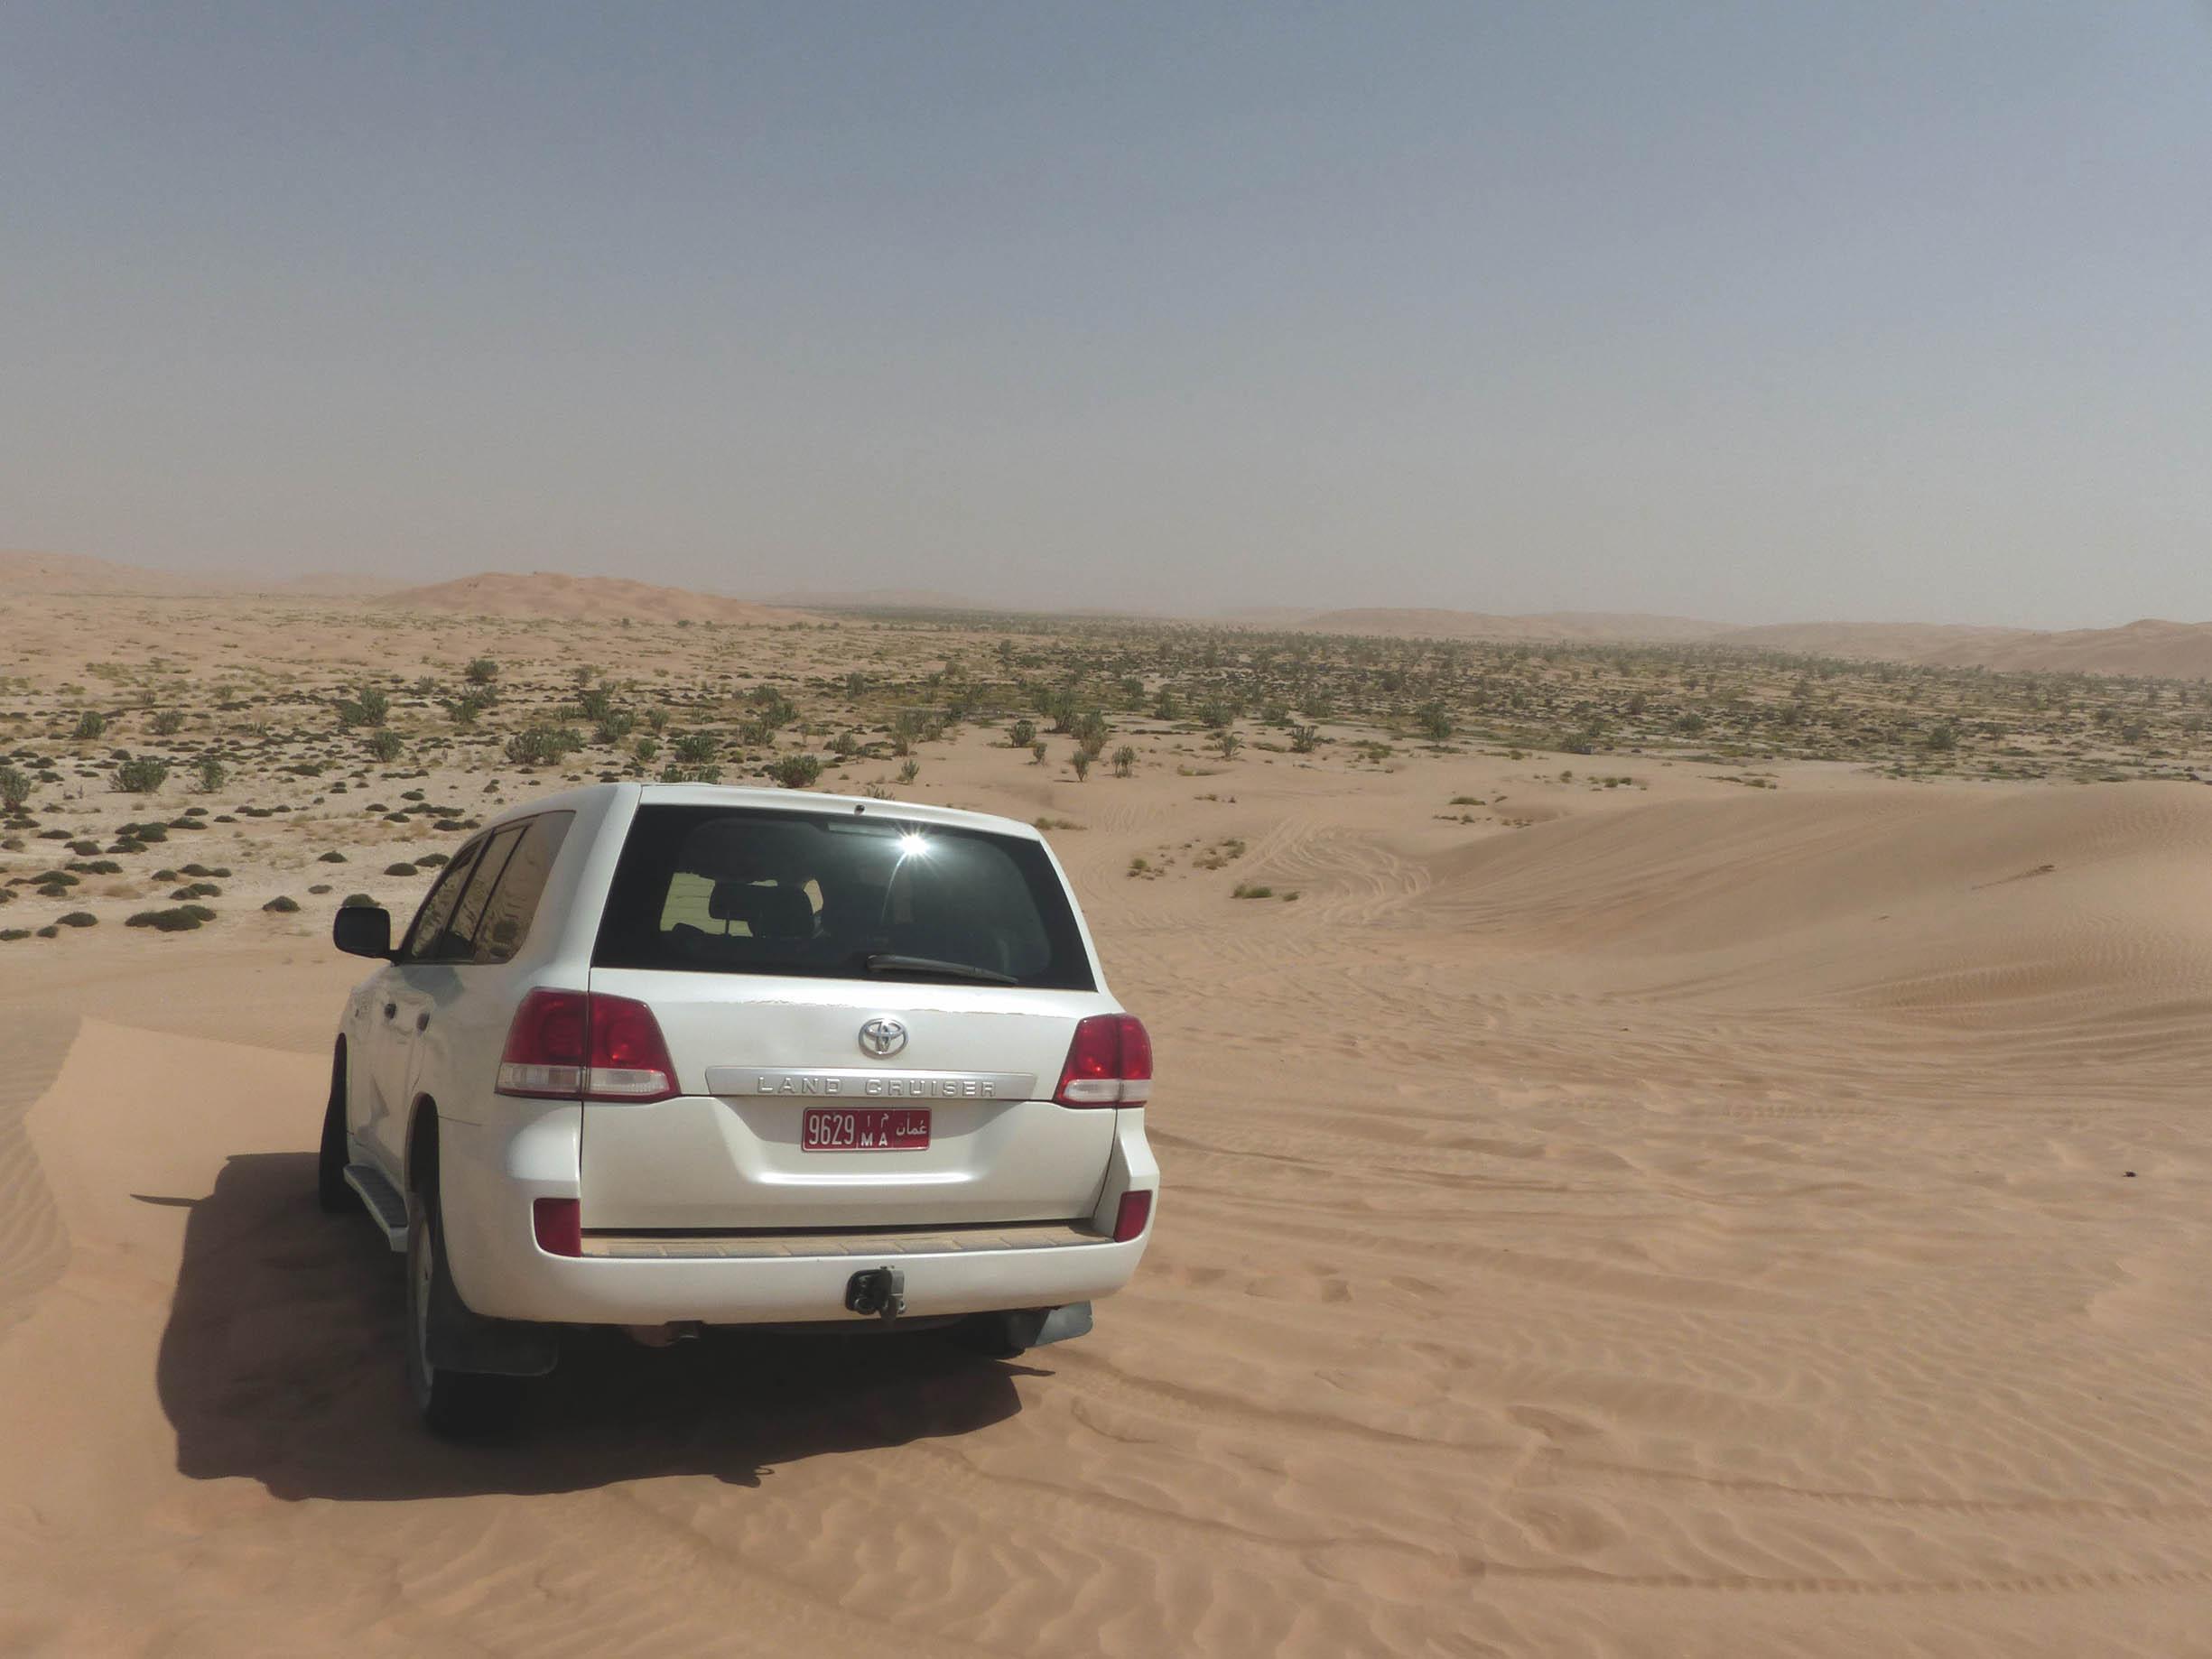 White car in a desert